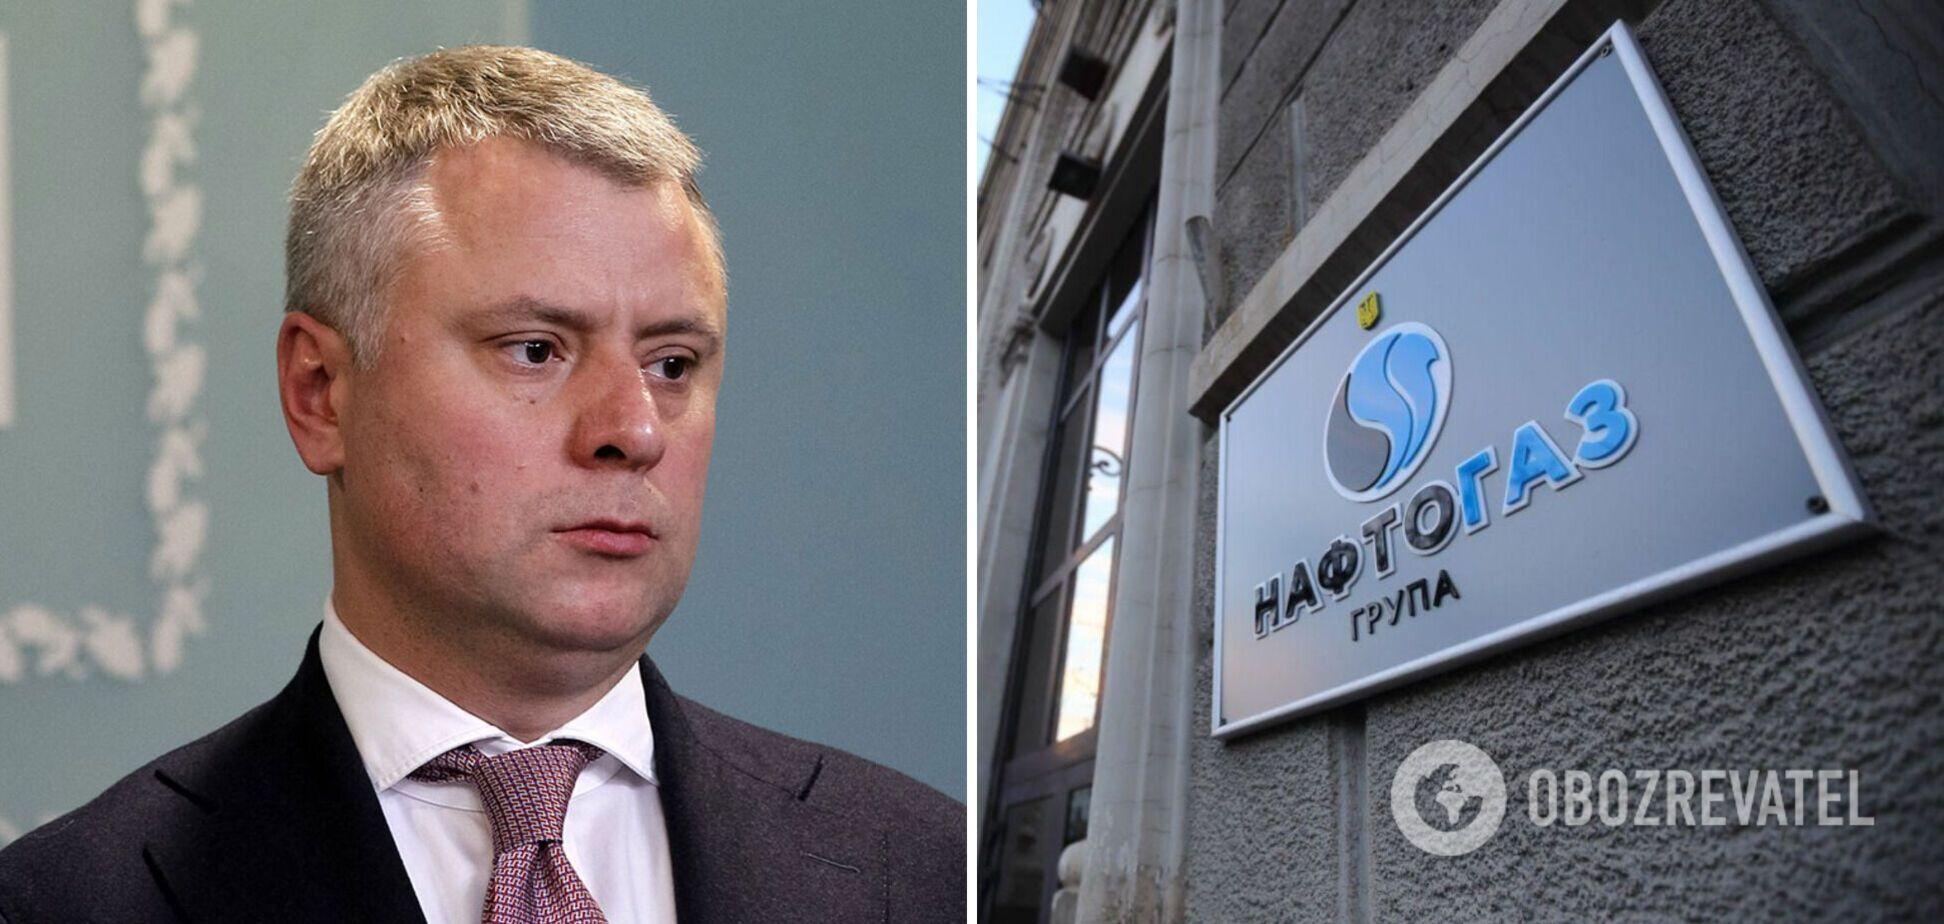 Юрист объяснил, почему не было конфликта интересов в назначении Витренко в 'Нафтогаз'